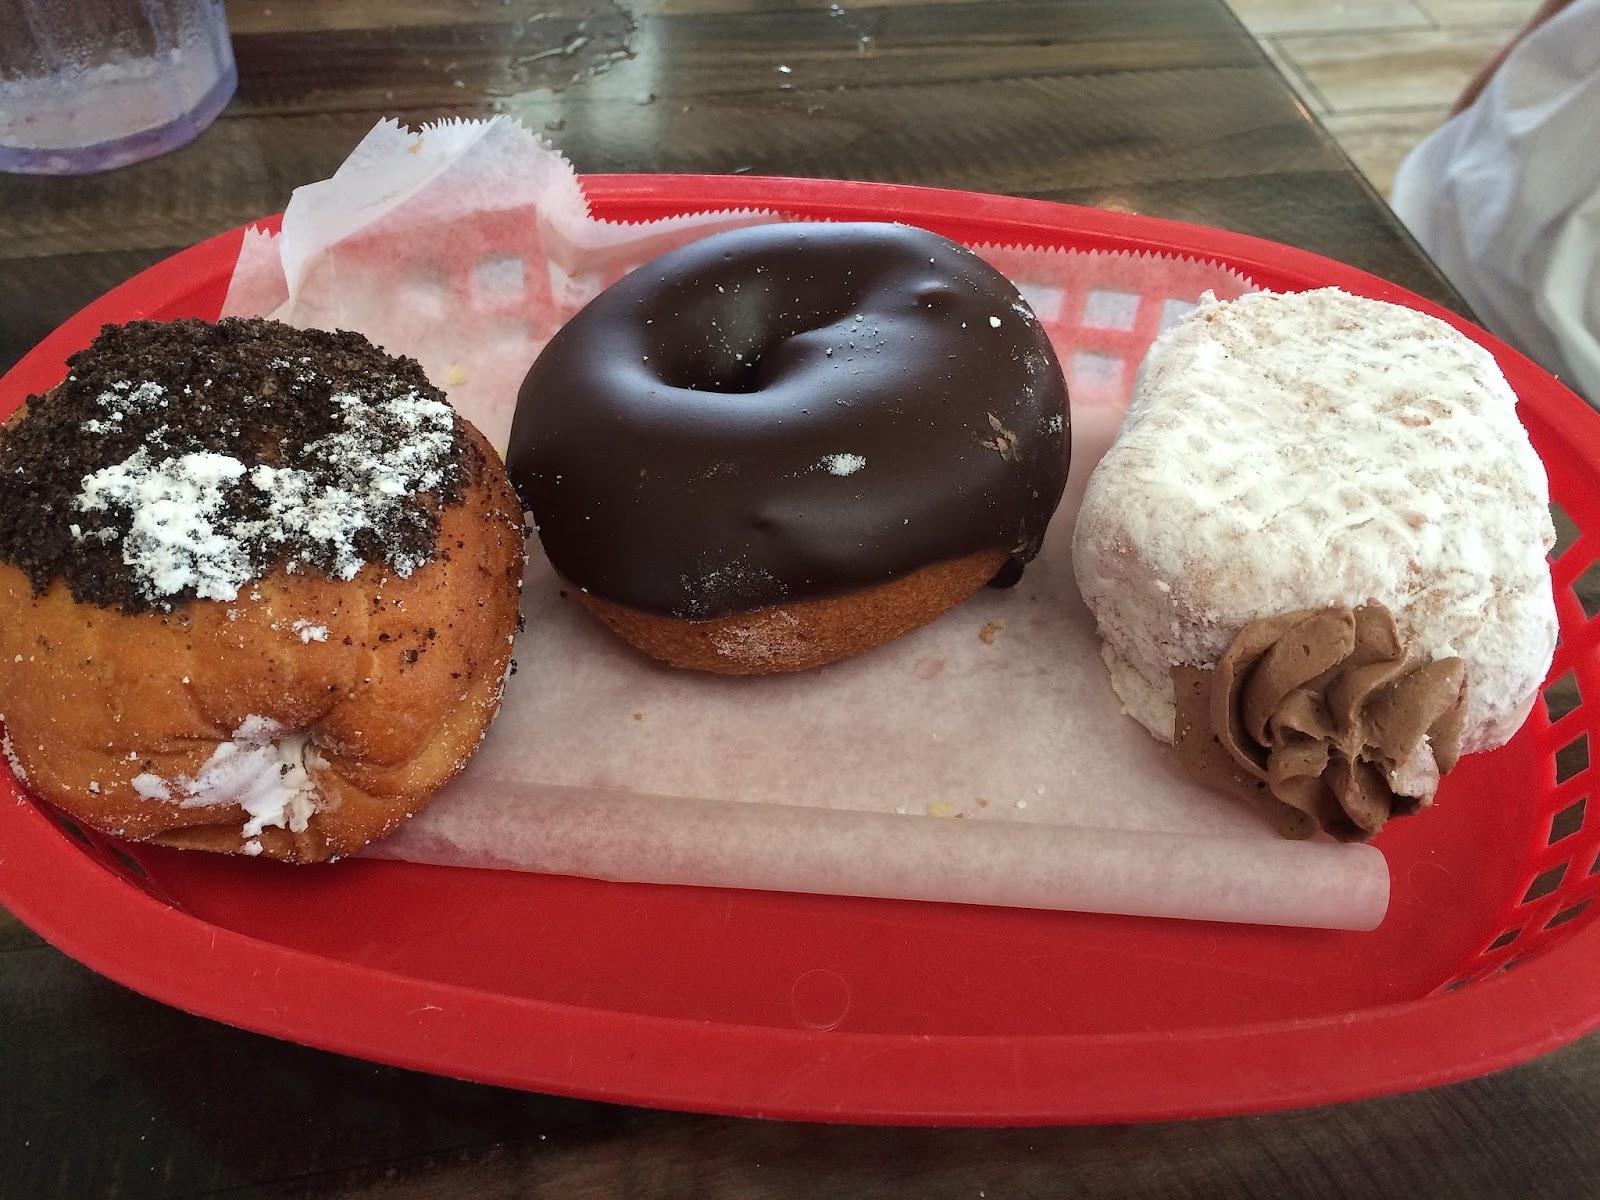 Livin The Good Life: The Donut Hole